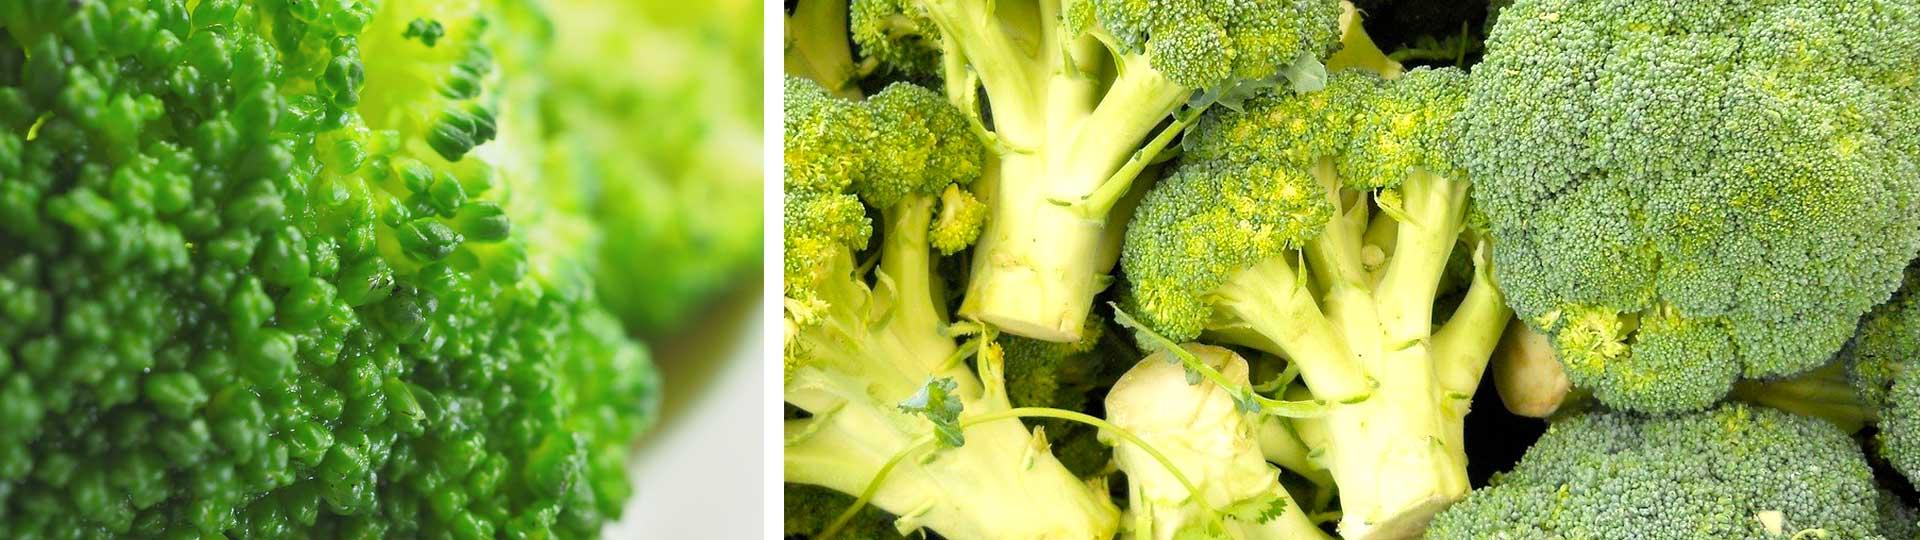 Колаж от две изображения на броколи